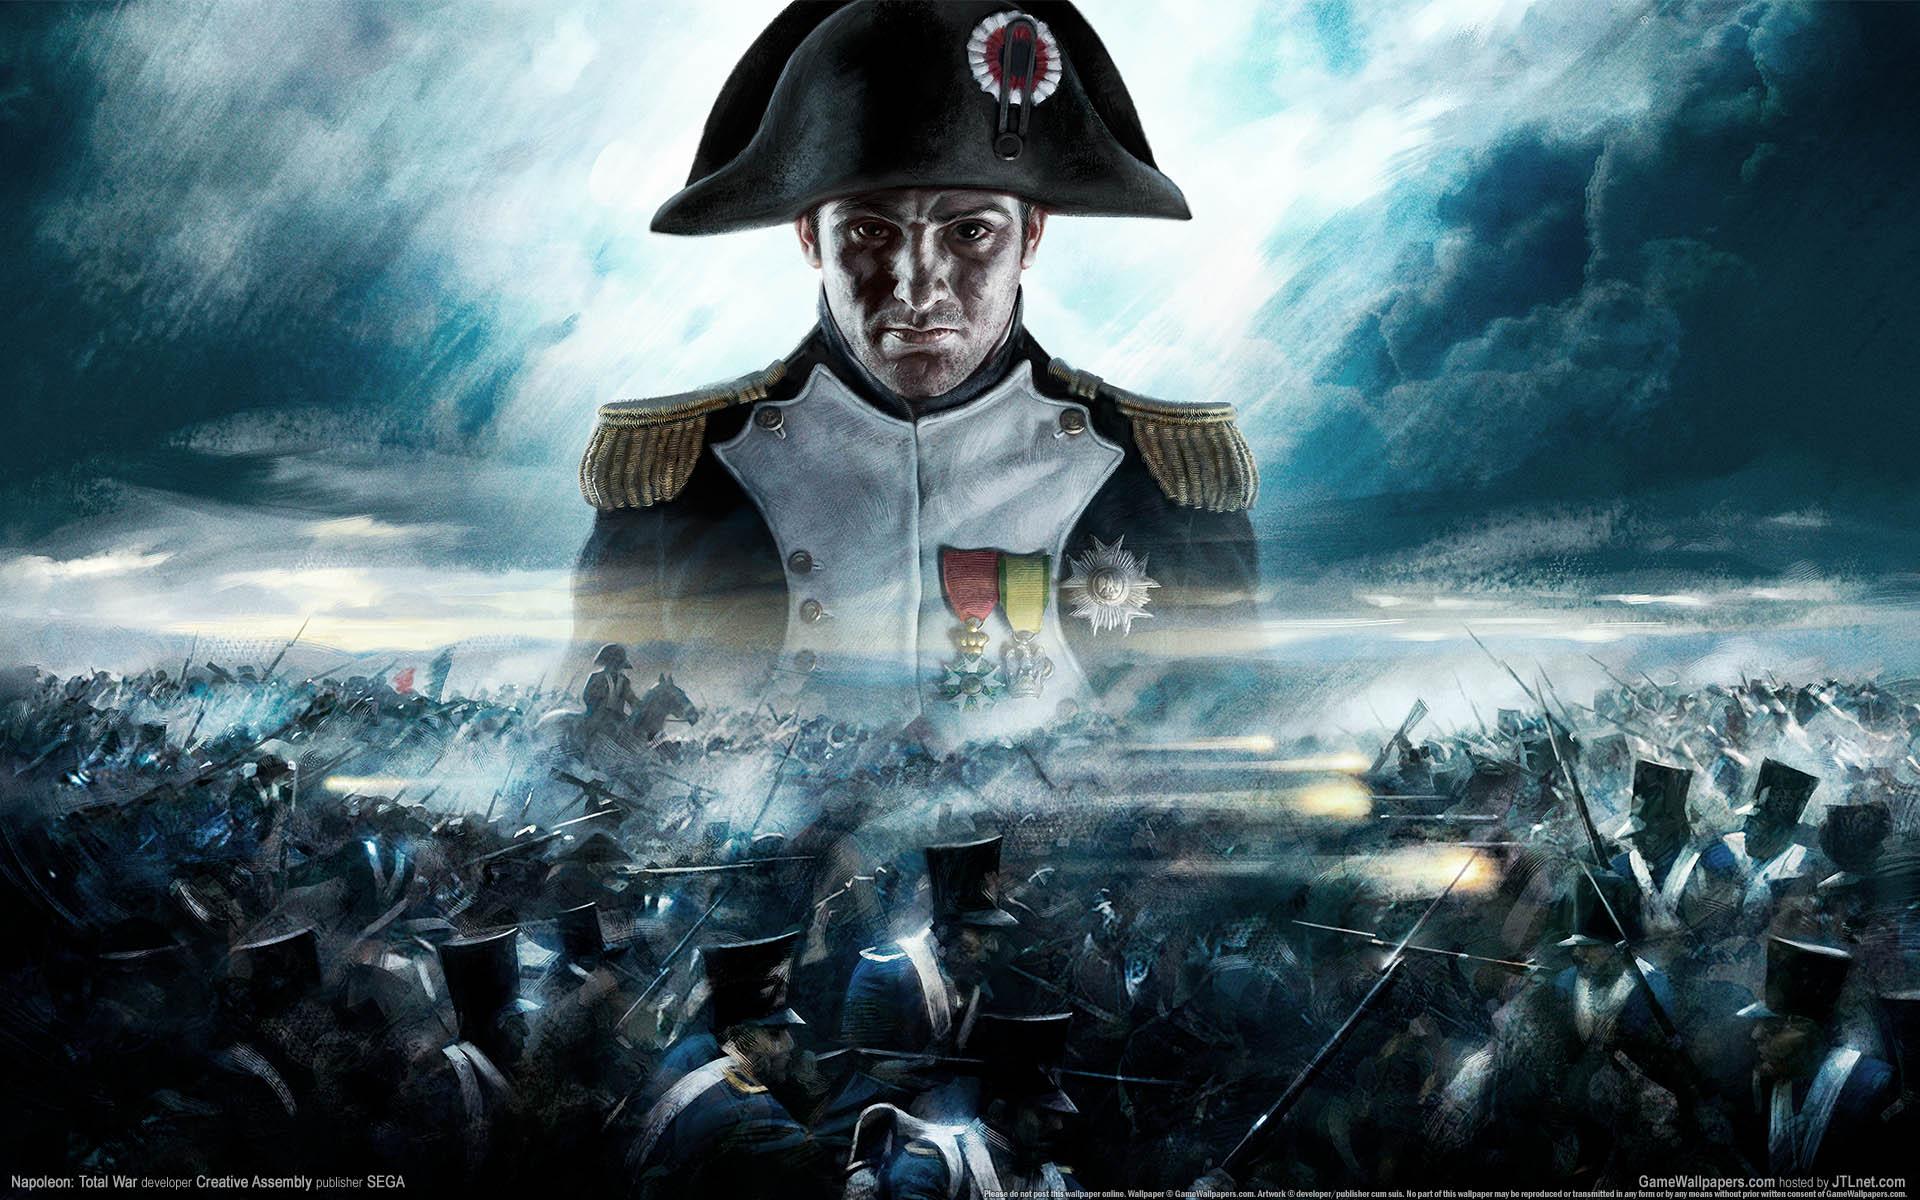 Fond ecran wallpaper Napoleon Total War   JeuxVideofr 1920x1200